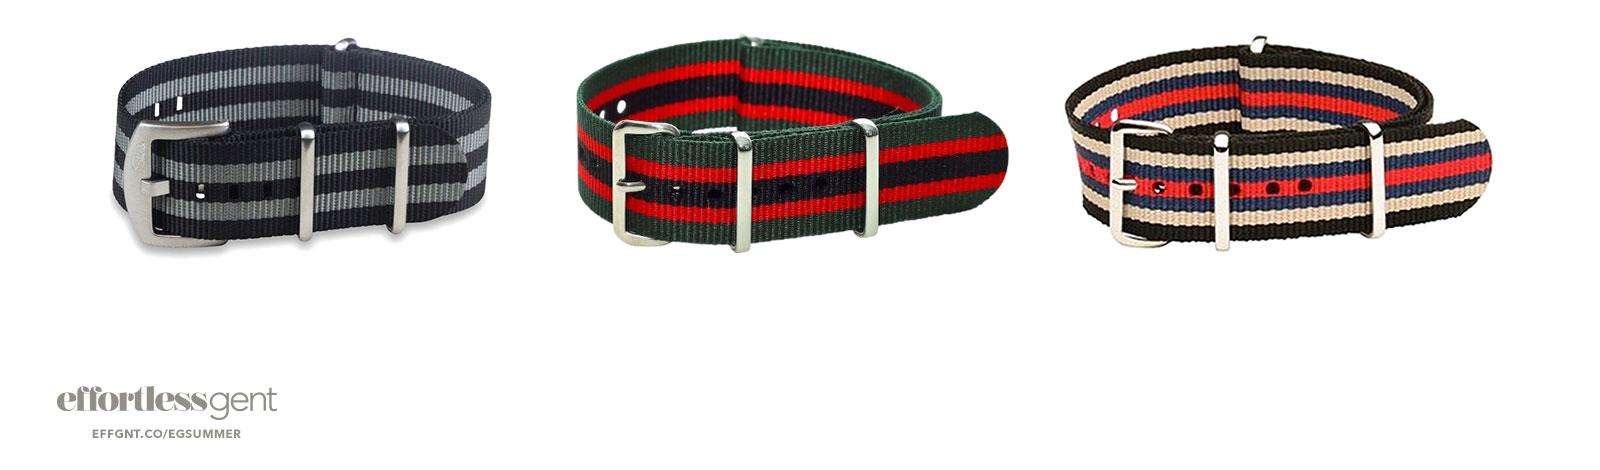 nato straps - summer clothes for men - effortless gent